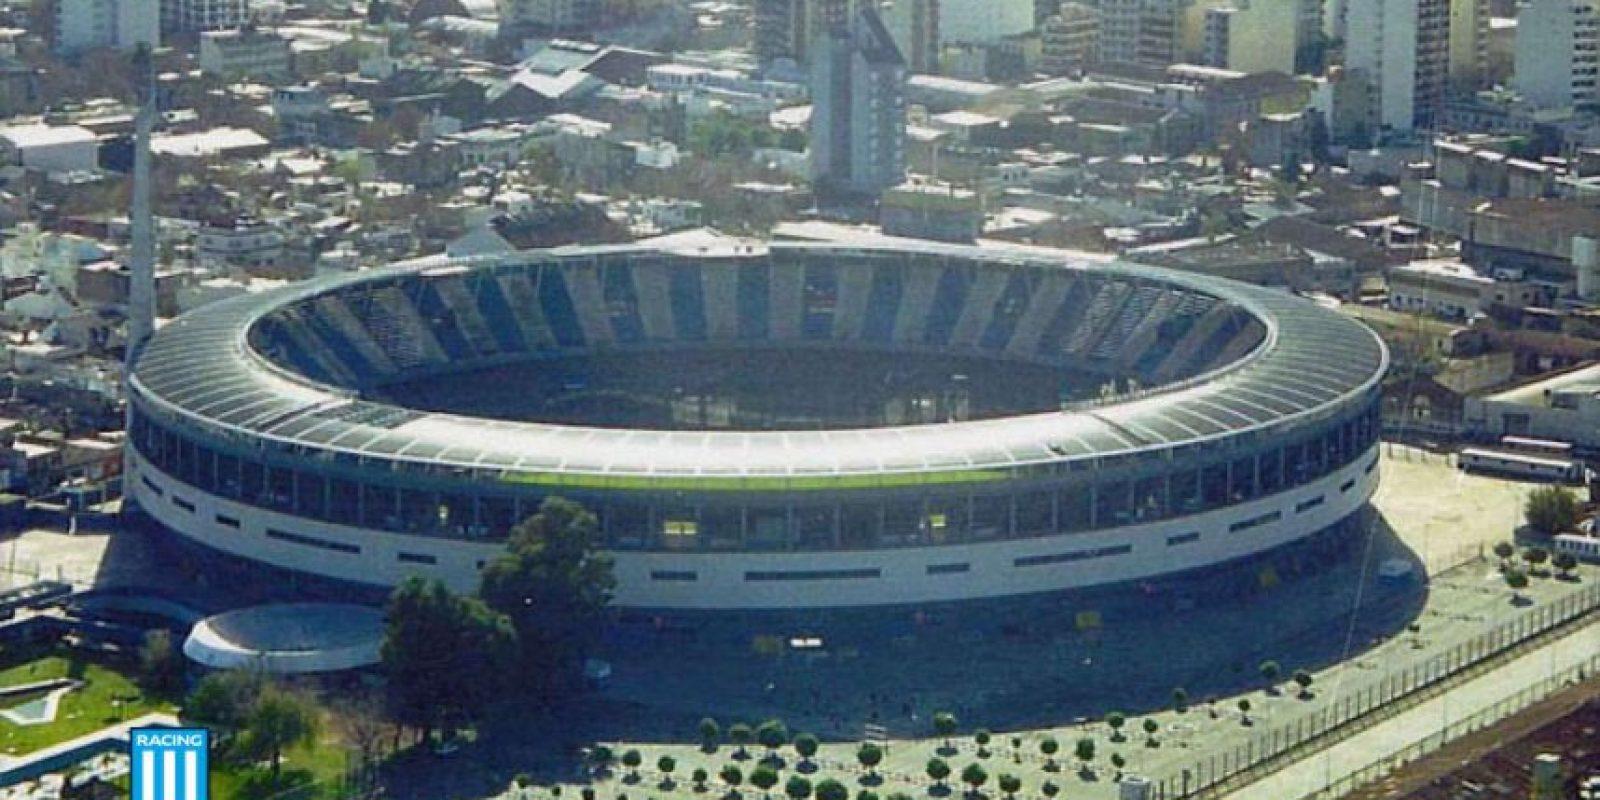 Getty Images Foto:Los gatos muertos de Racing: Es un mito que ronda en el fútbol argentino, pero que muchos lo toman como cierto. La historia dice que hinchas de Independiente enterraron siete gatos después que Racing ganara la Libertadores y el campeonato local de 1966. Pasaron 35 años para que vuelvan a ganar un título.